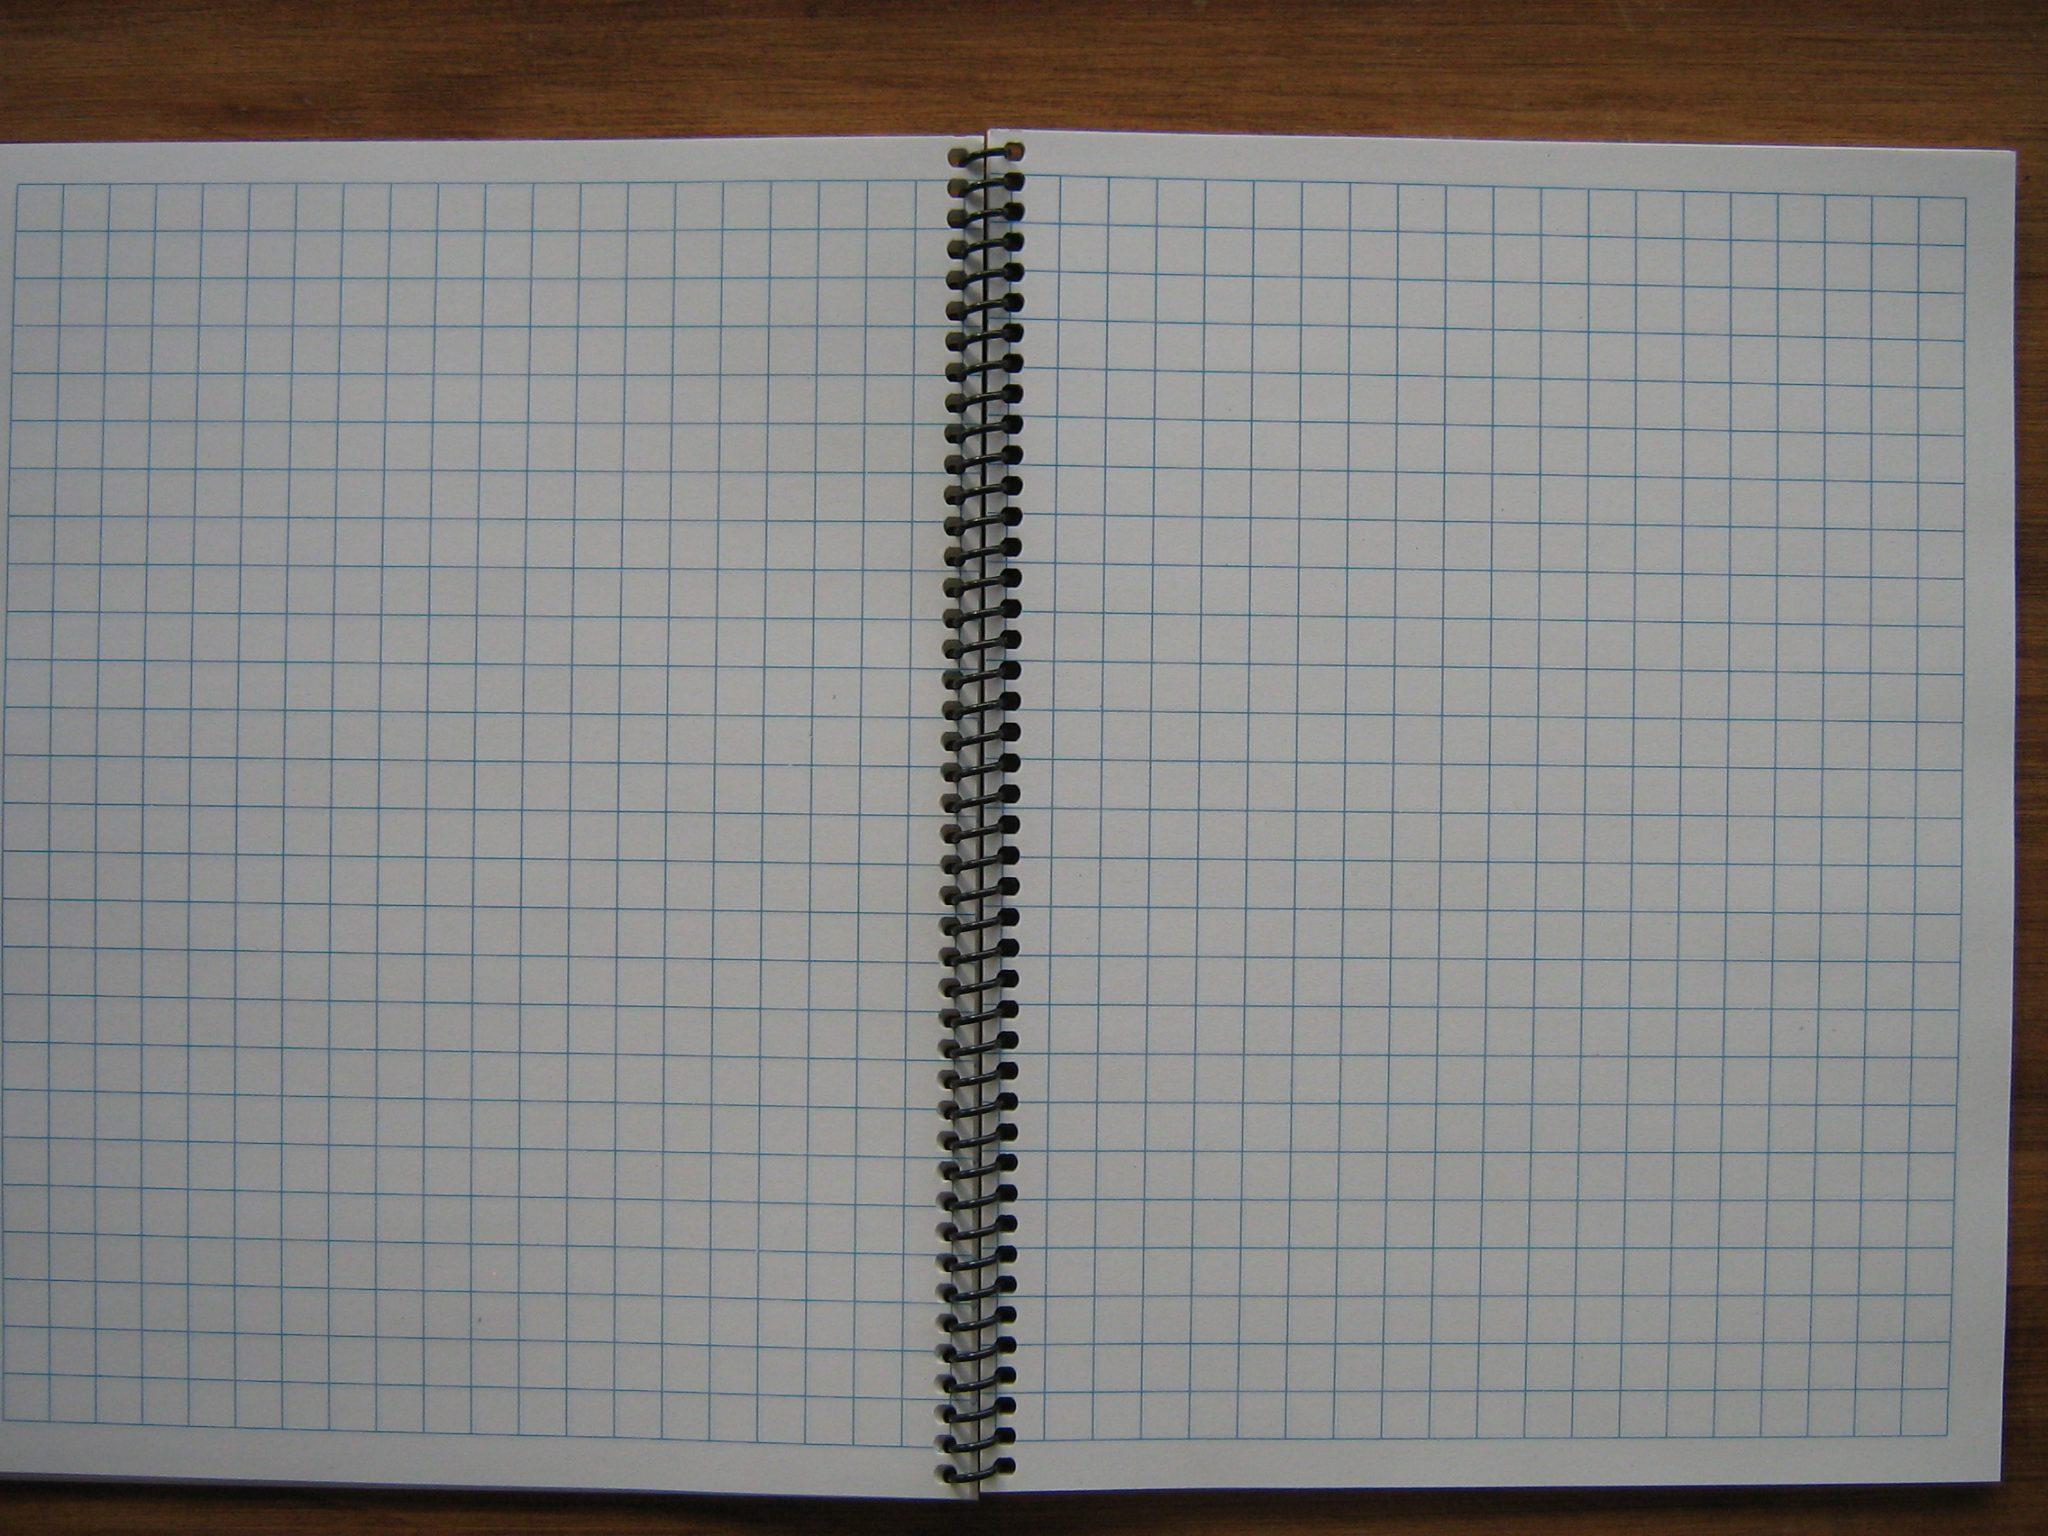 9adc94300179 spiral graph paper notebook - Mara.yasamayolver.com